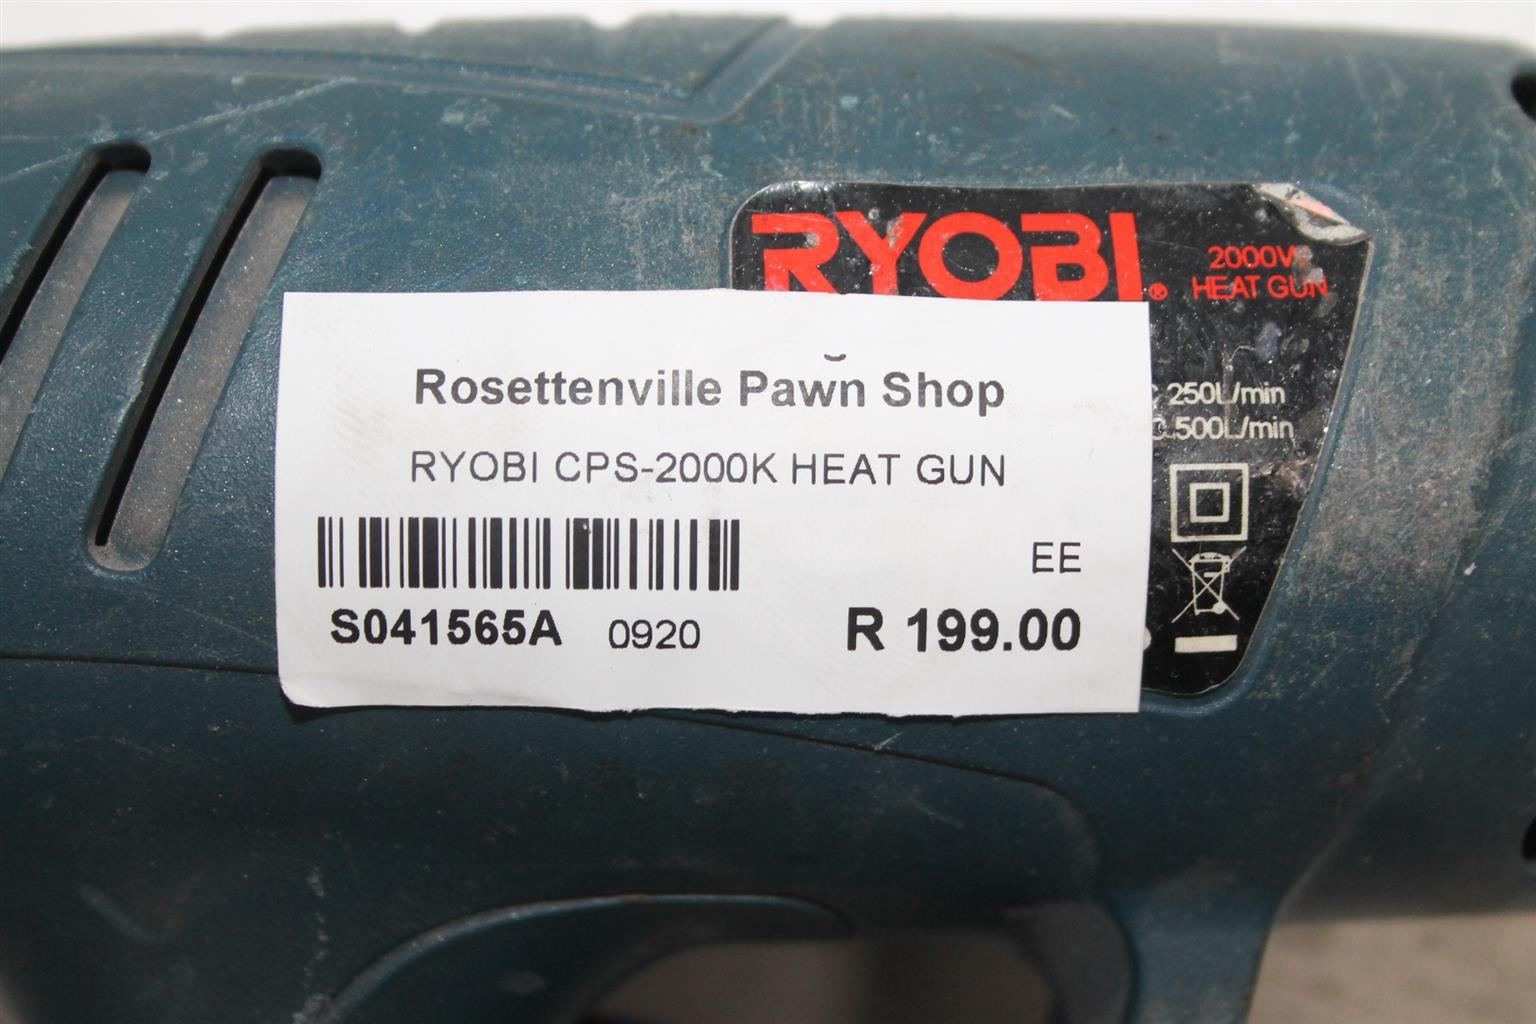 Ryobi heat gun S041565A #Rosettenvillepawnshop